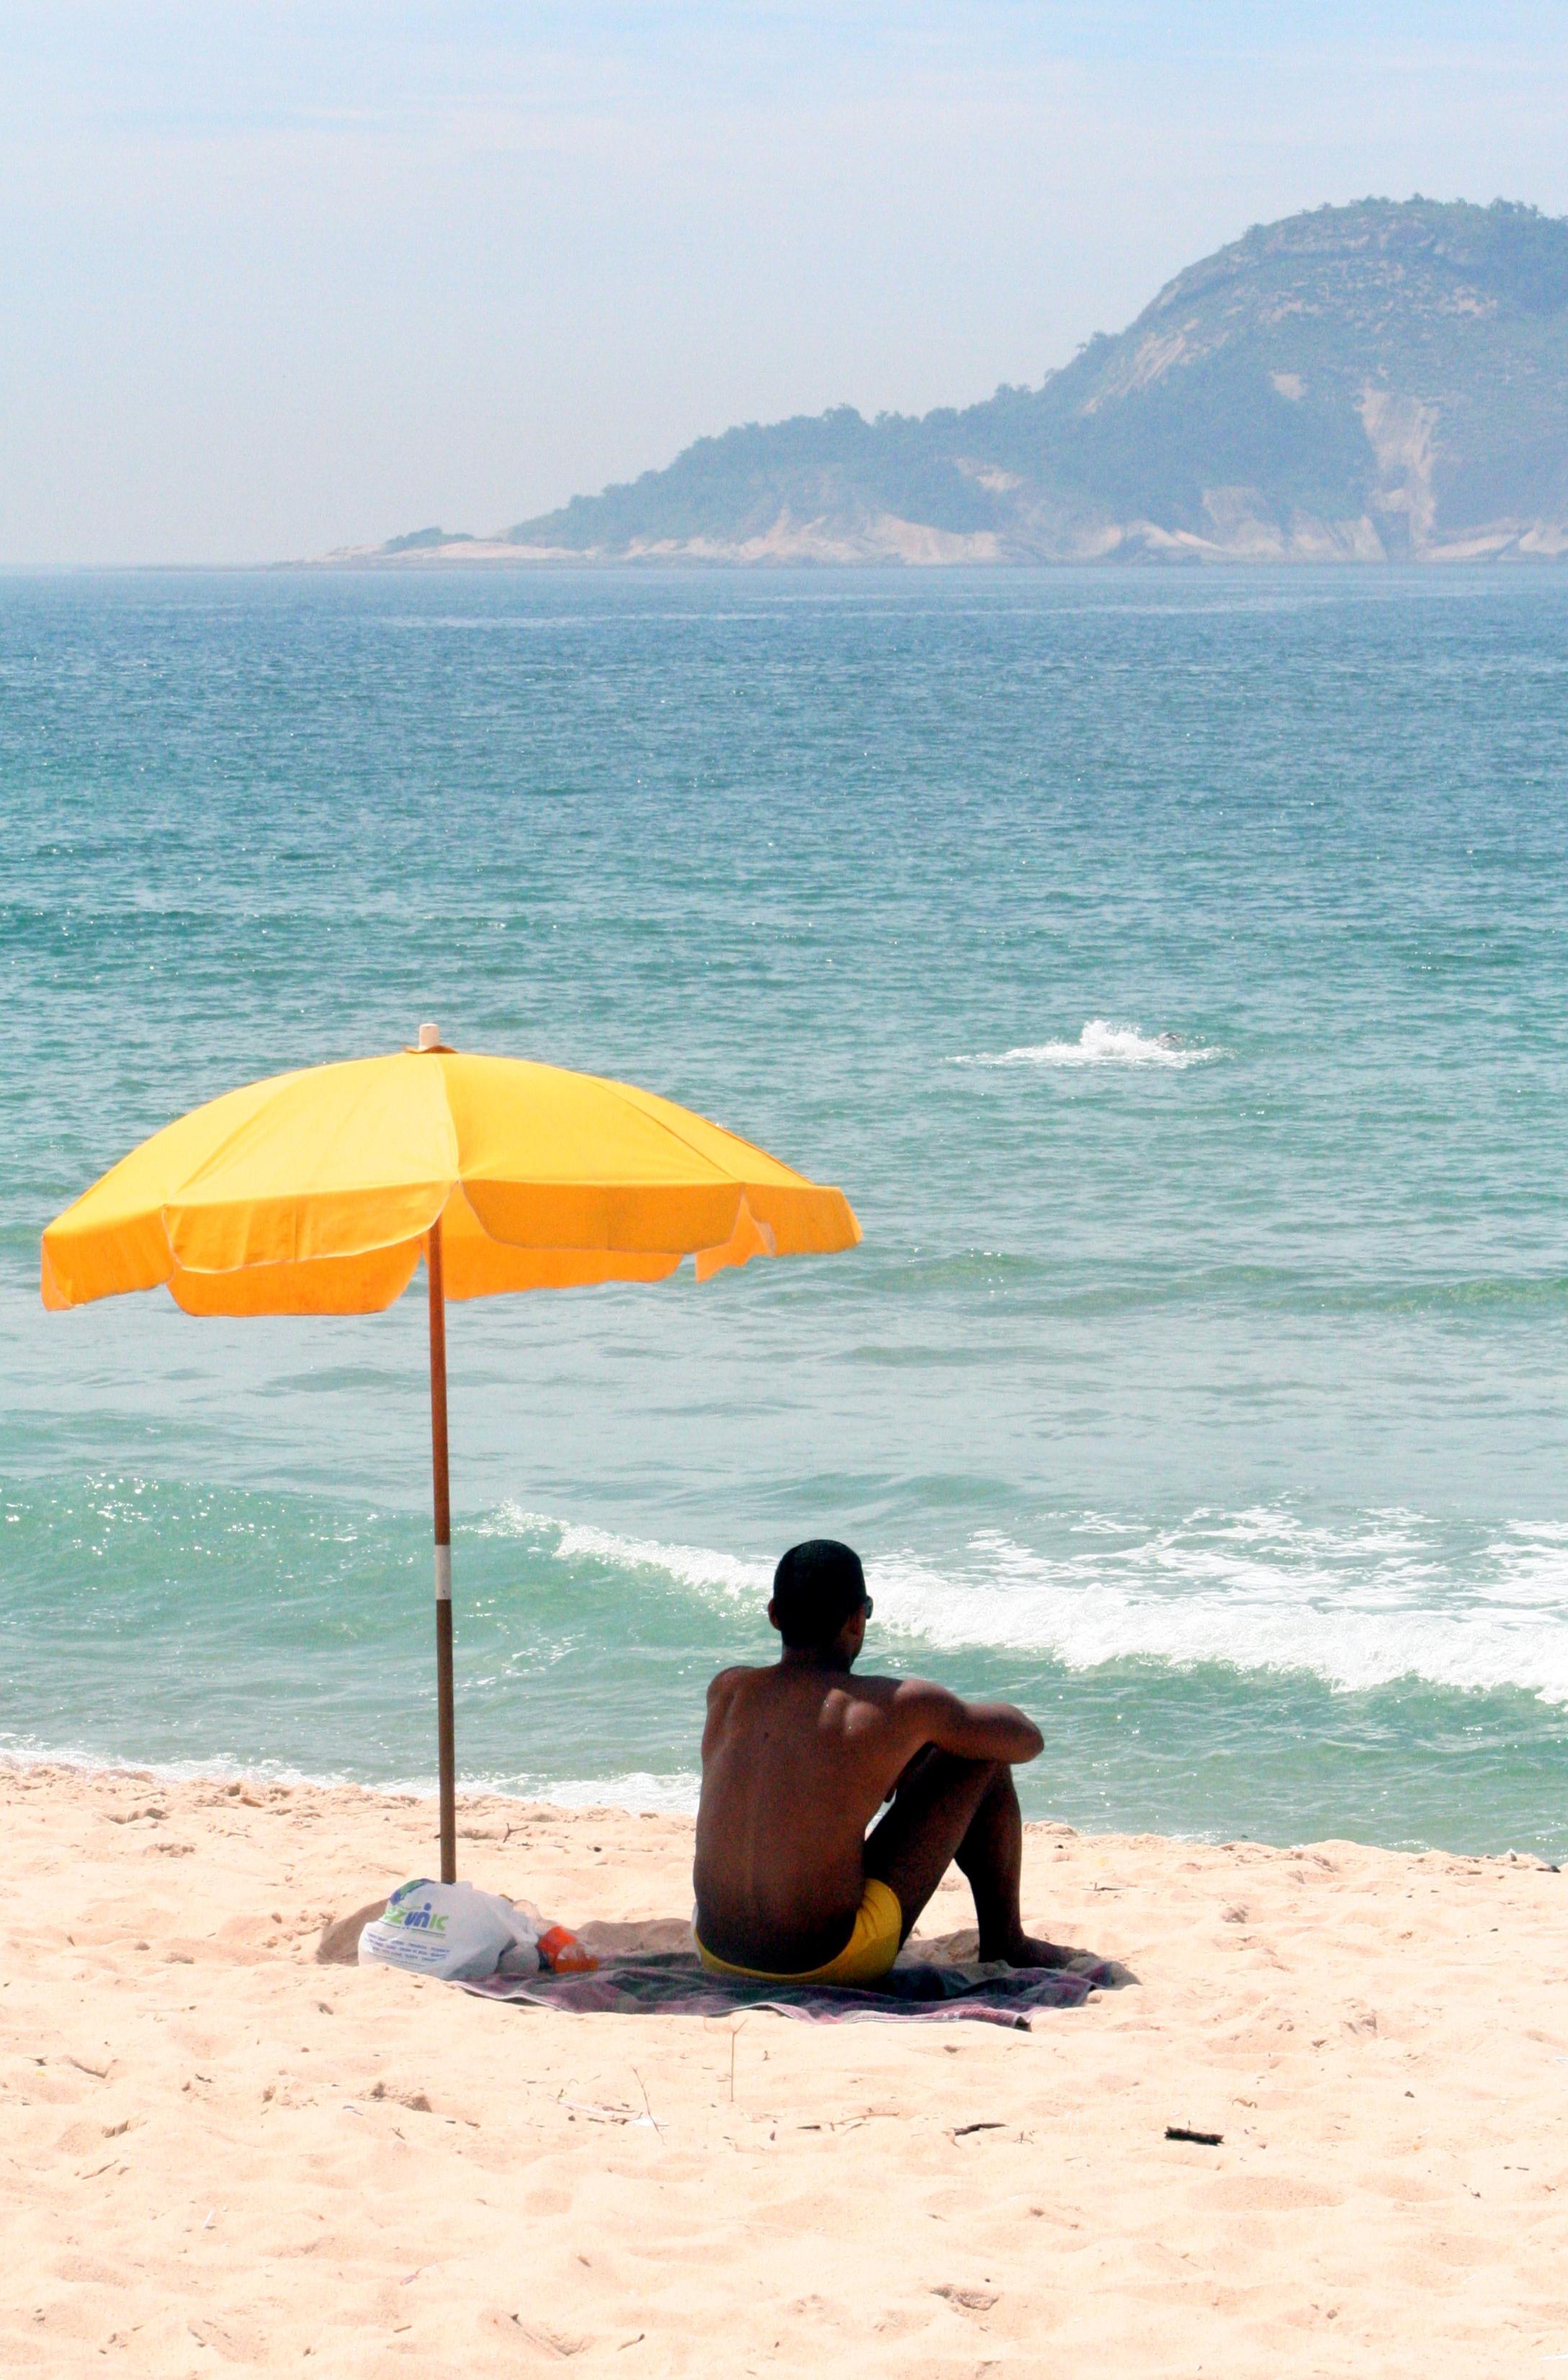 Beach Umbrella : Shop Beach Umbrellas and Cabanas at Beach Chairs